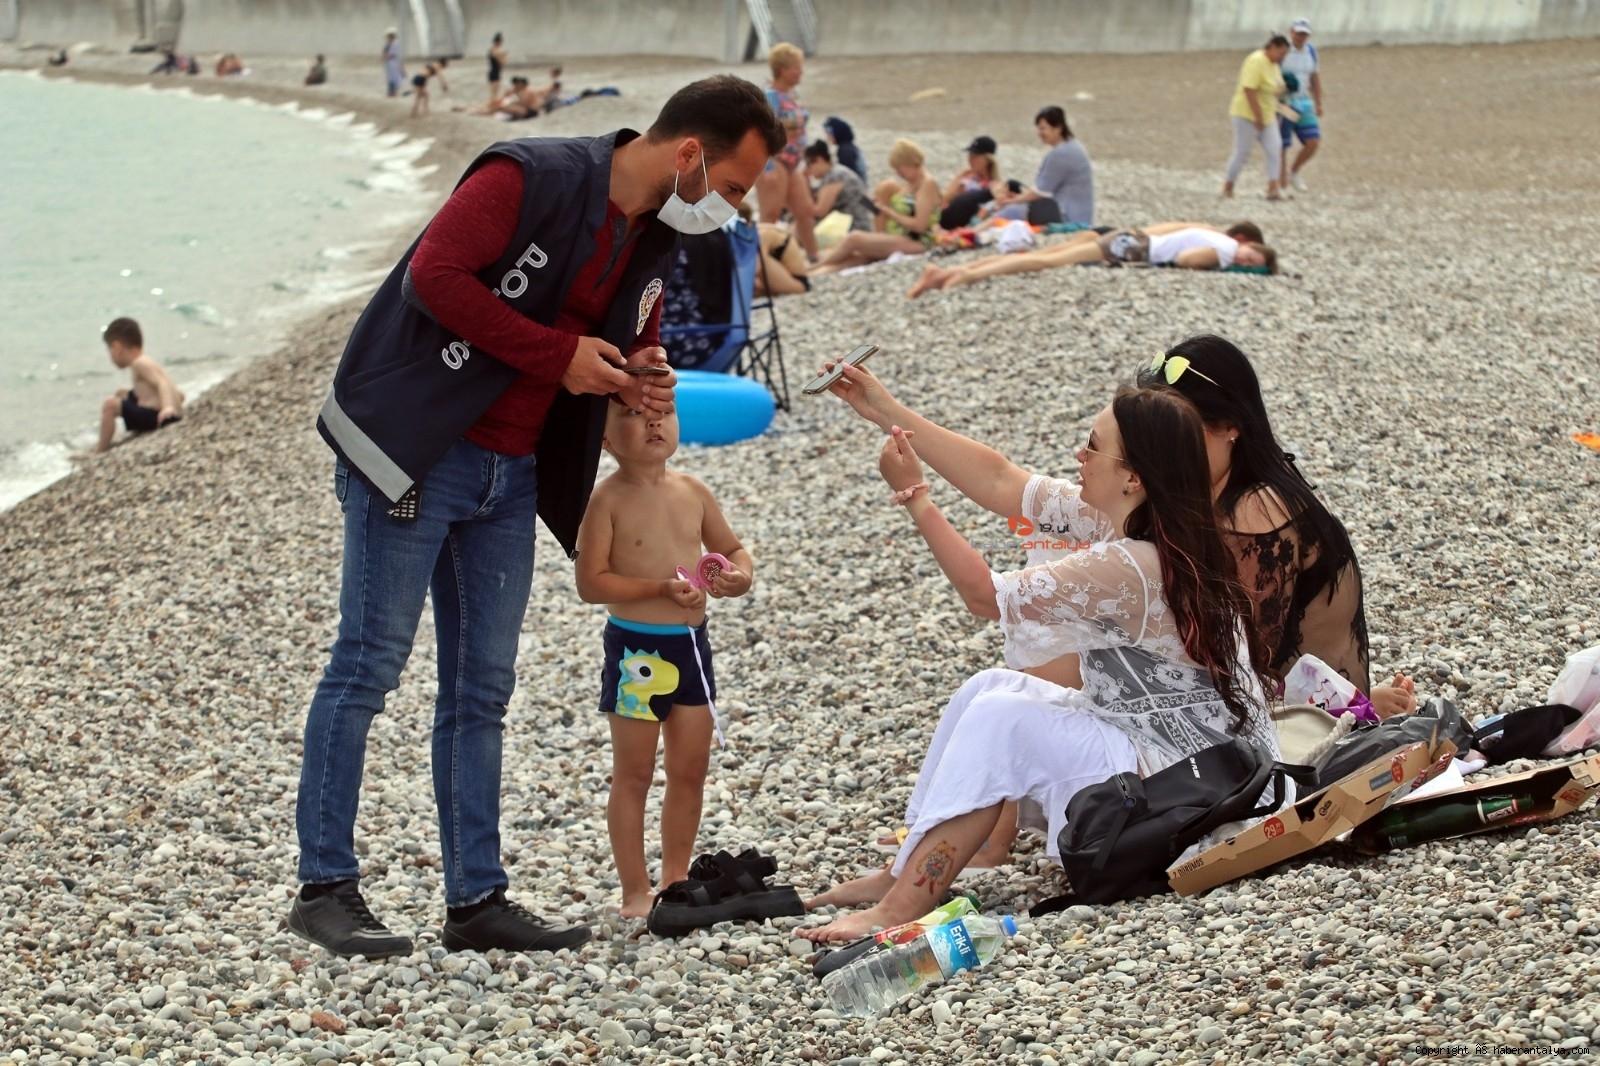 2021/04/bakan-soylunun-acikladi-dunyaca-unlu-sahilde-siki-denetim-basladi--20210418AW29-1.jpg